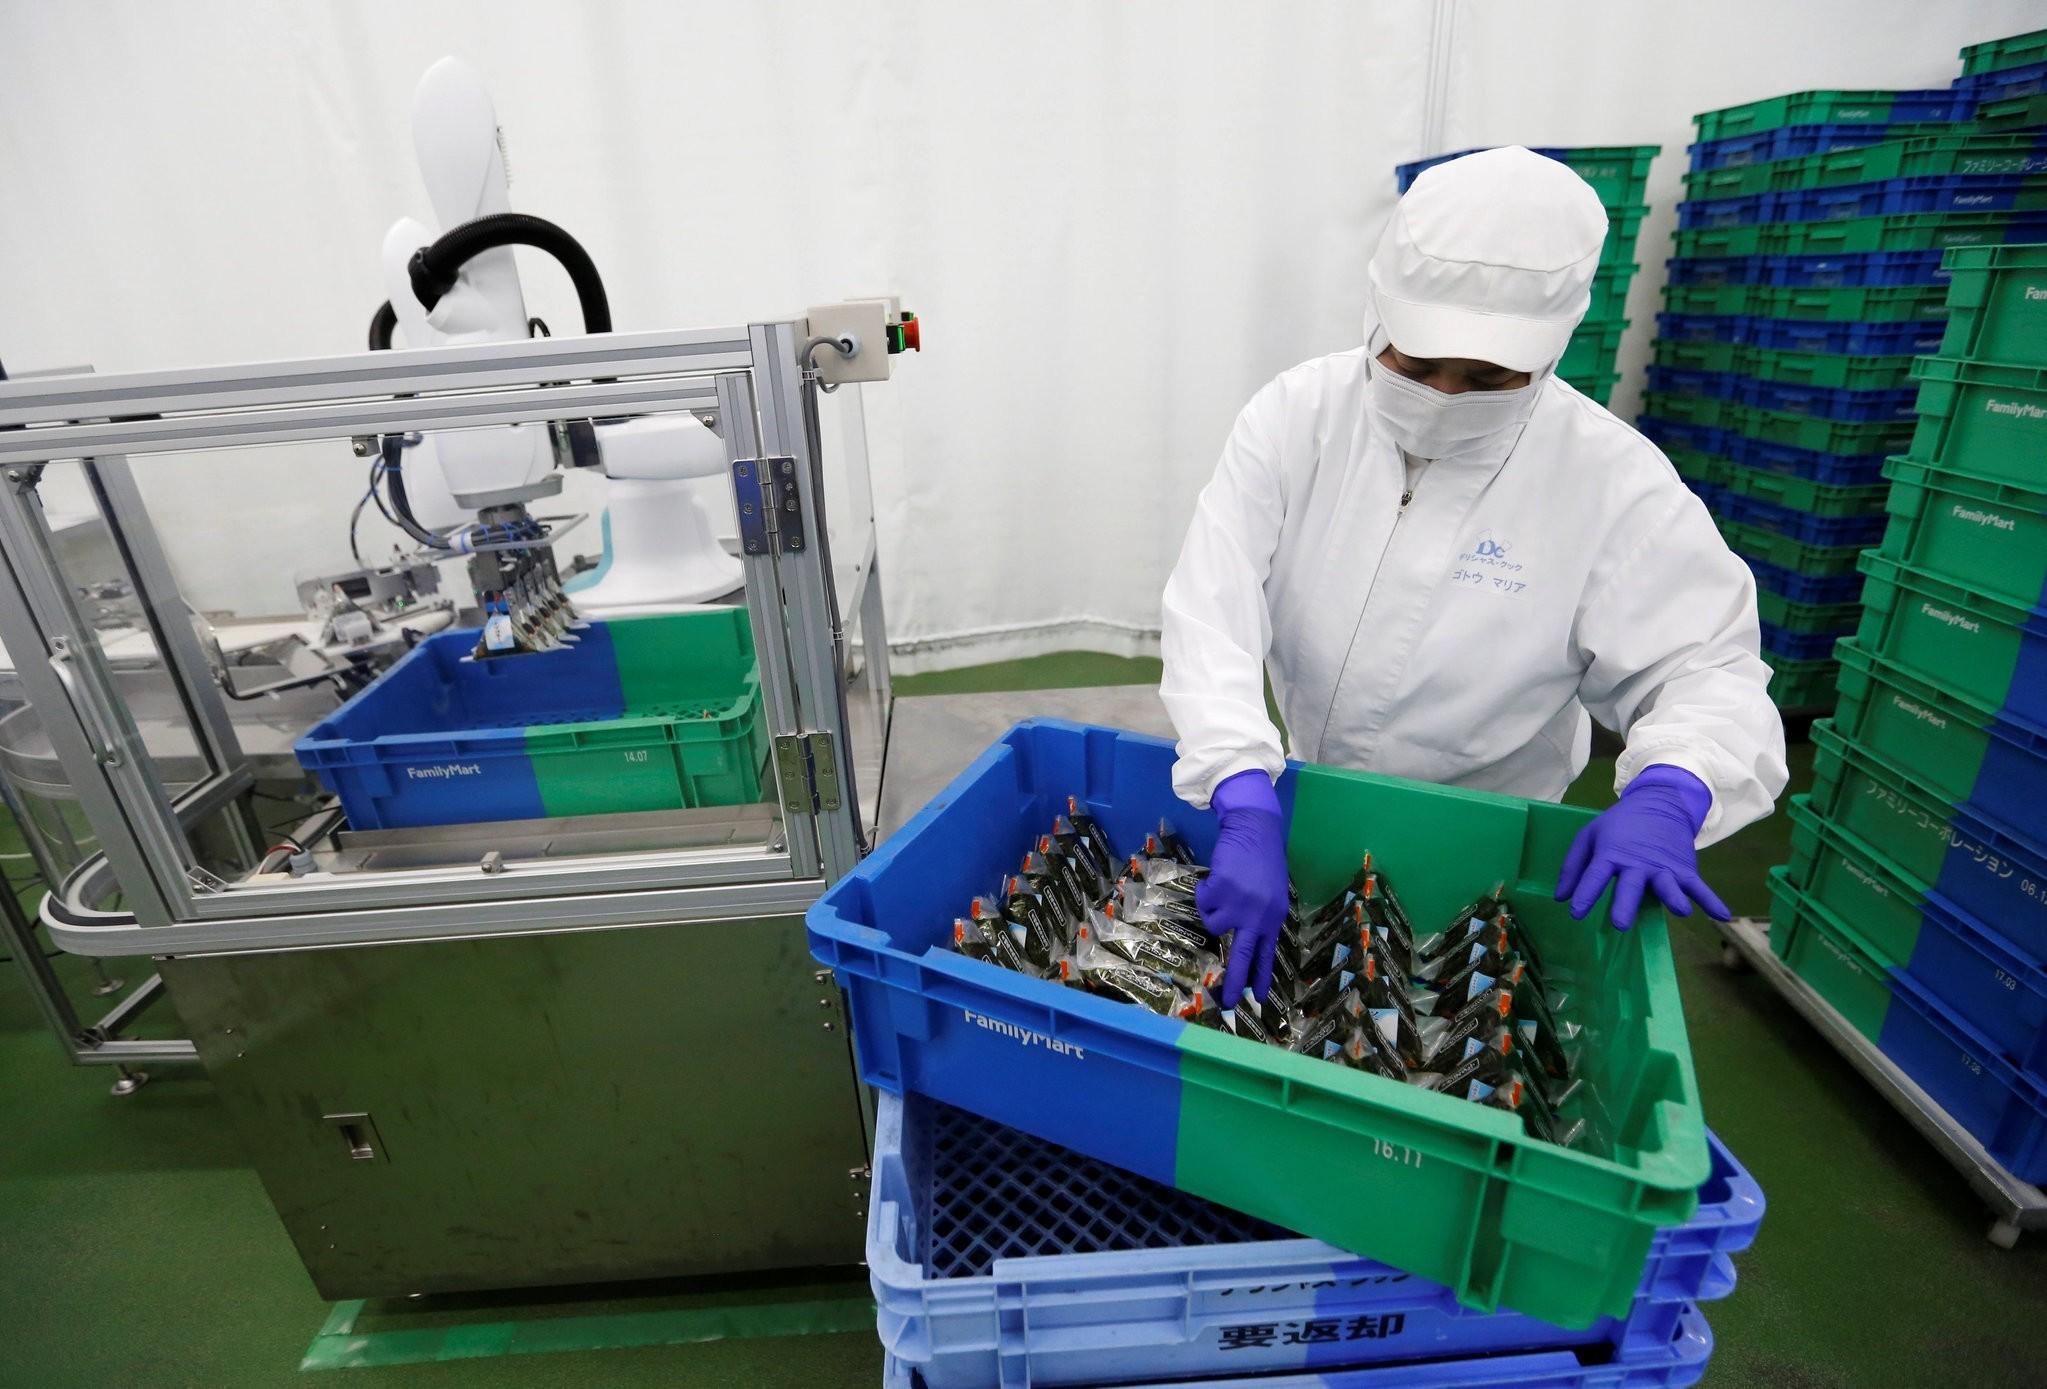 A woman works next a Kawasaki Heavy Industriesu2019 collaborative robot stacking rice balls at Delicious Cook & Cou2019s food factory, Narashino, Japan.